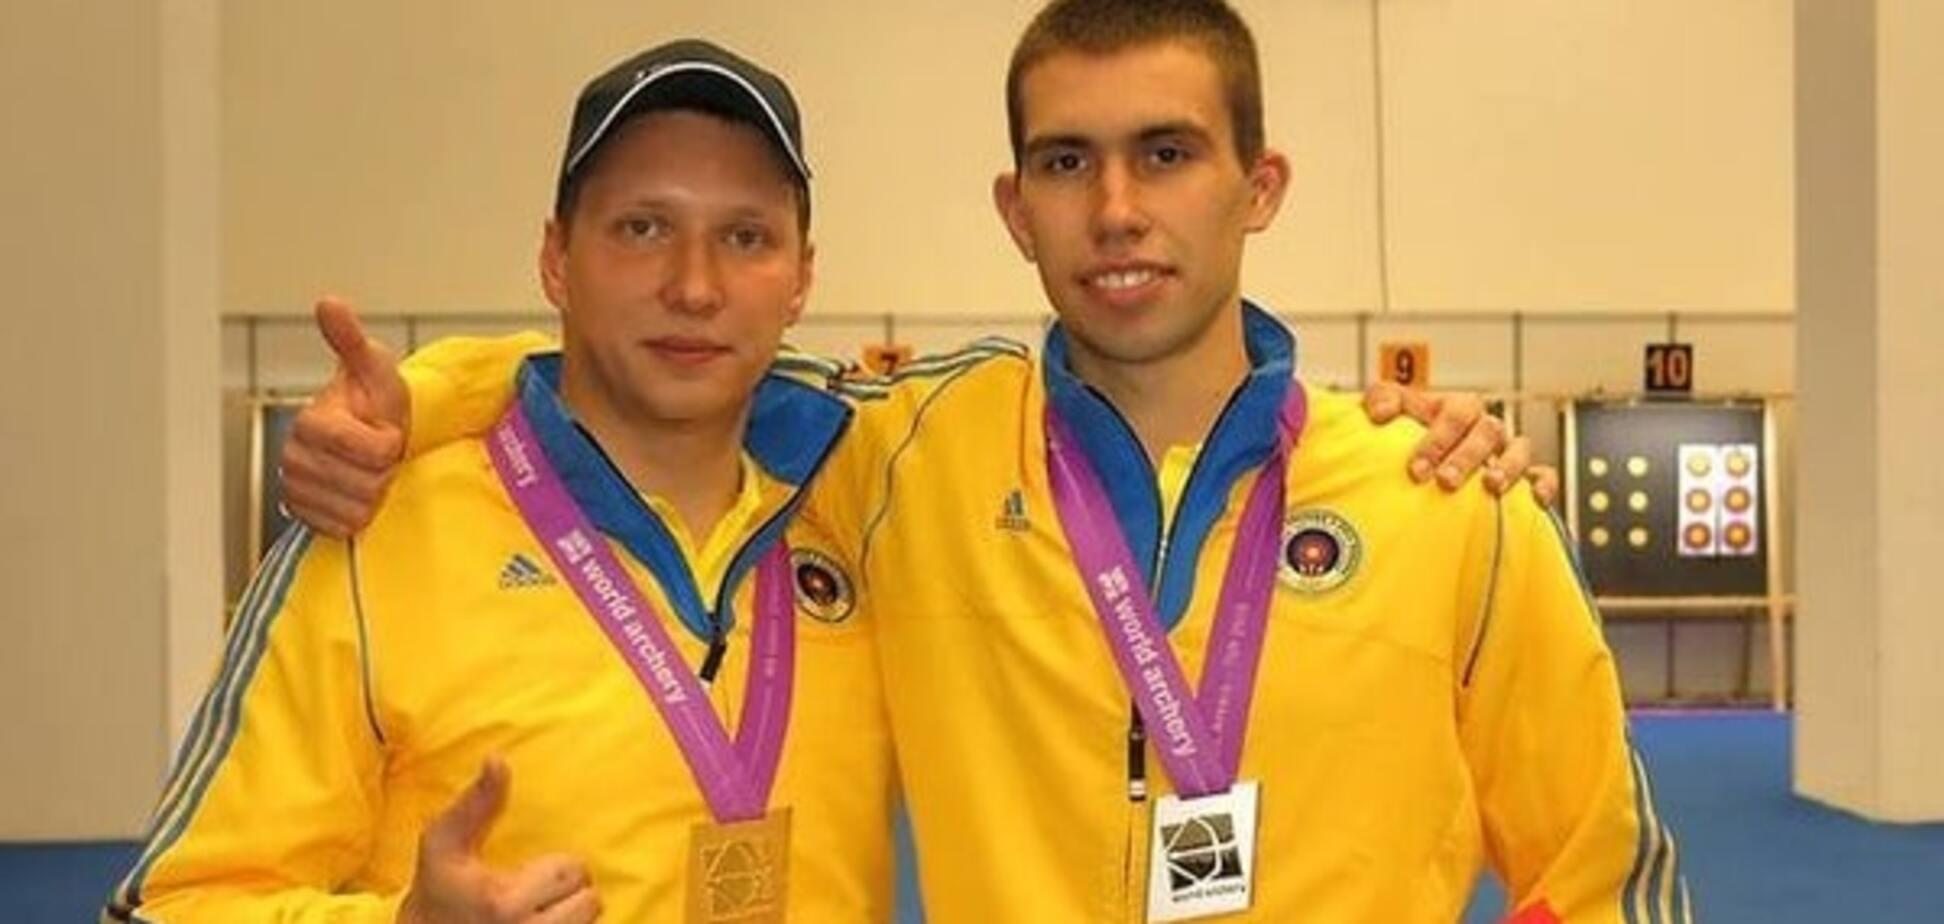 Українець виграв чемпіонат світу зі стрільби з лука